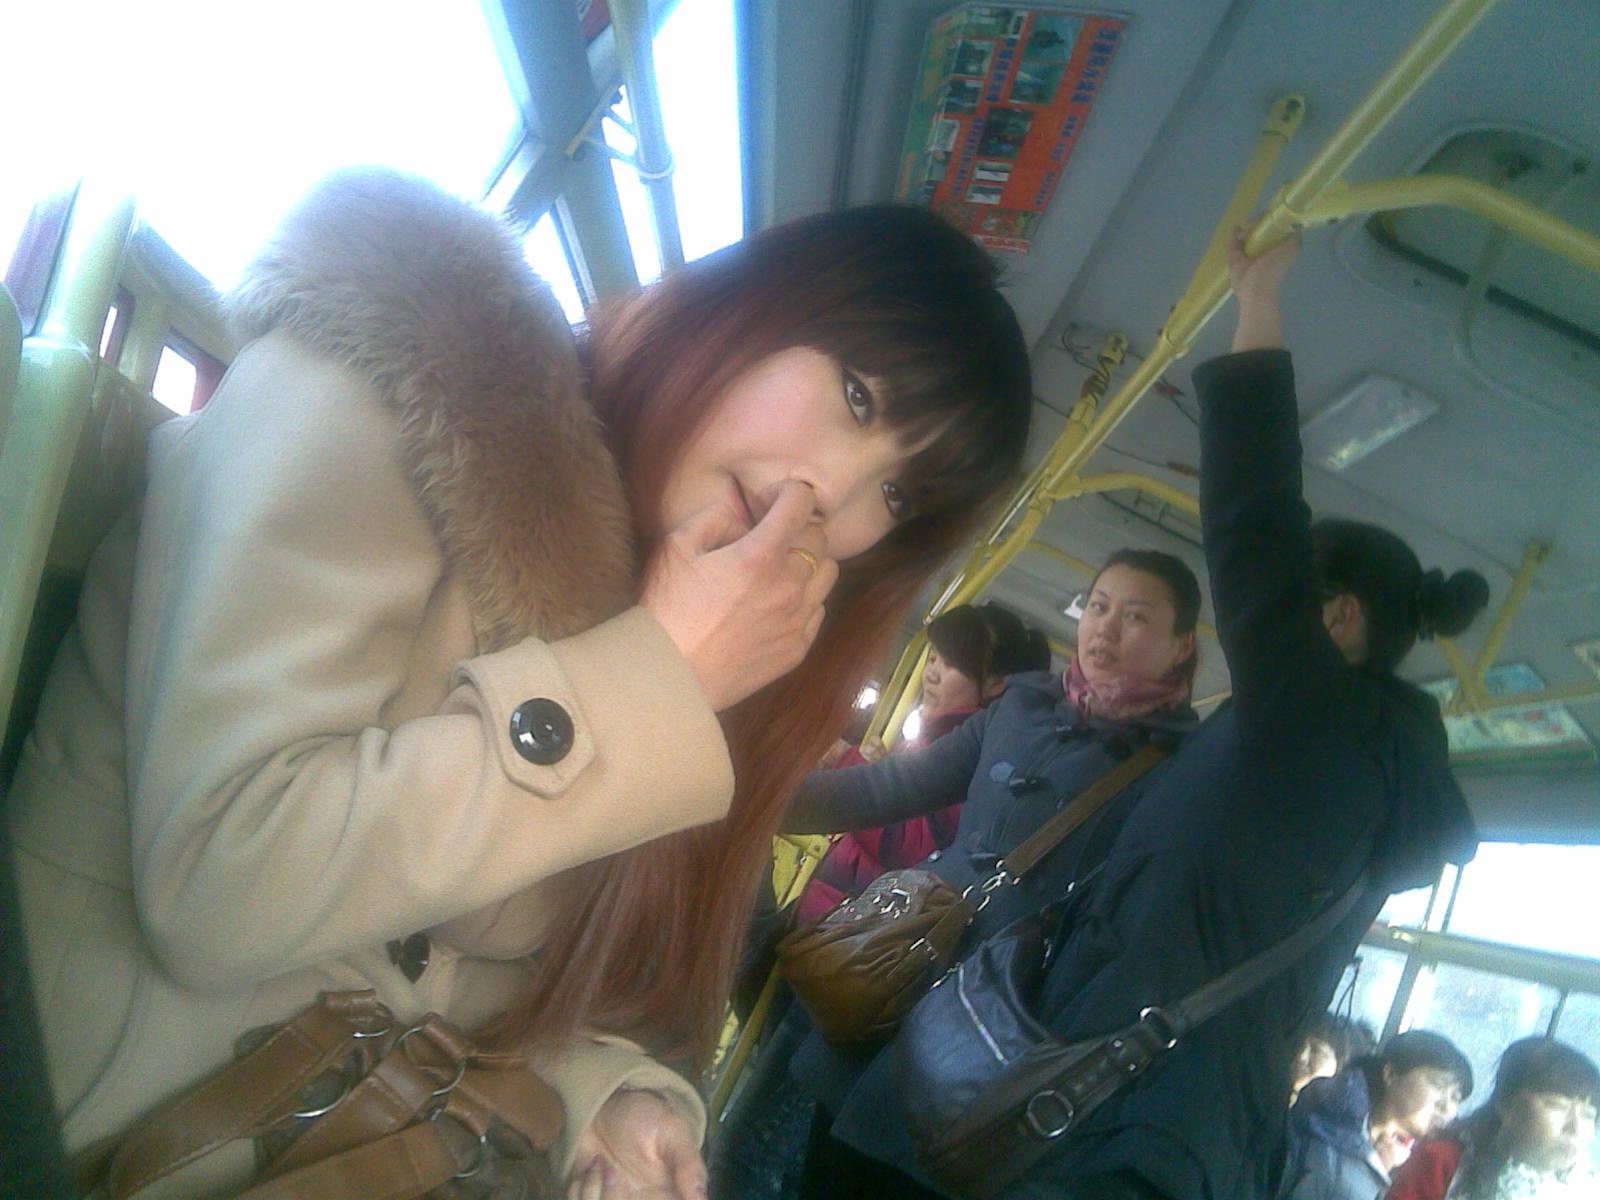 我在公交车上偷拍的美女